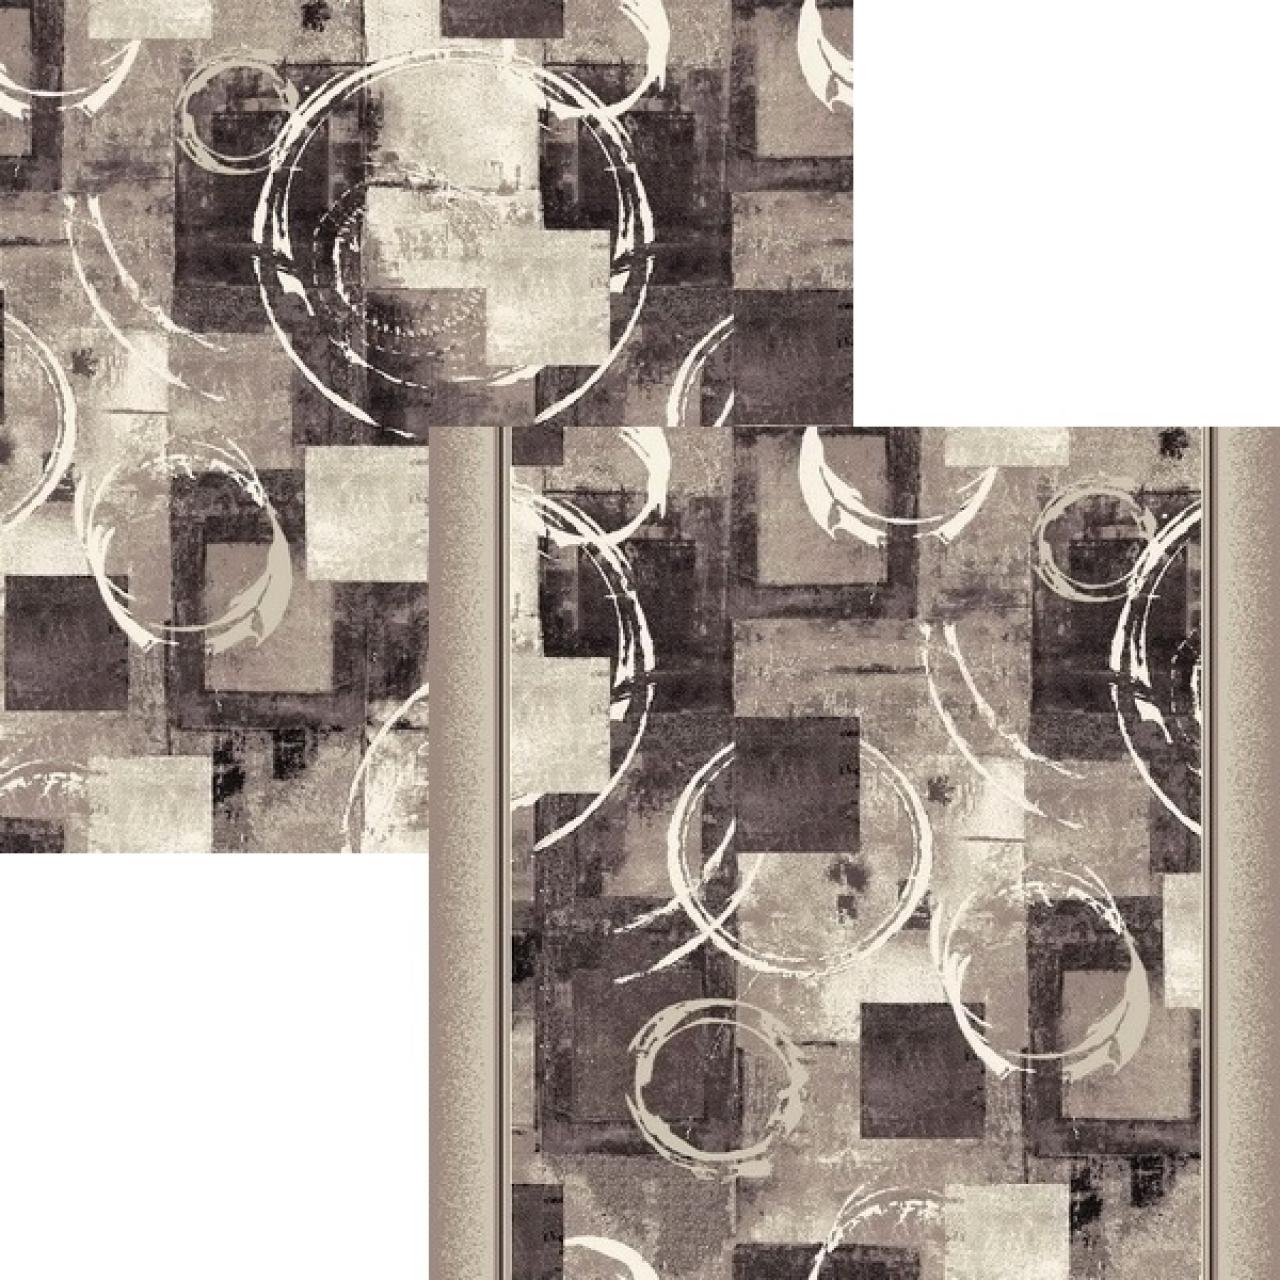 Ковровая дорожка p1812a5r - 100 - коллекция принт 8-ми цветная дорожка - фото 1